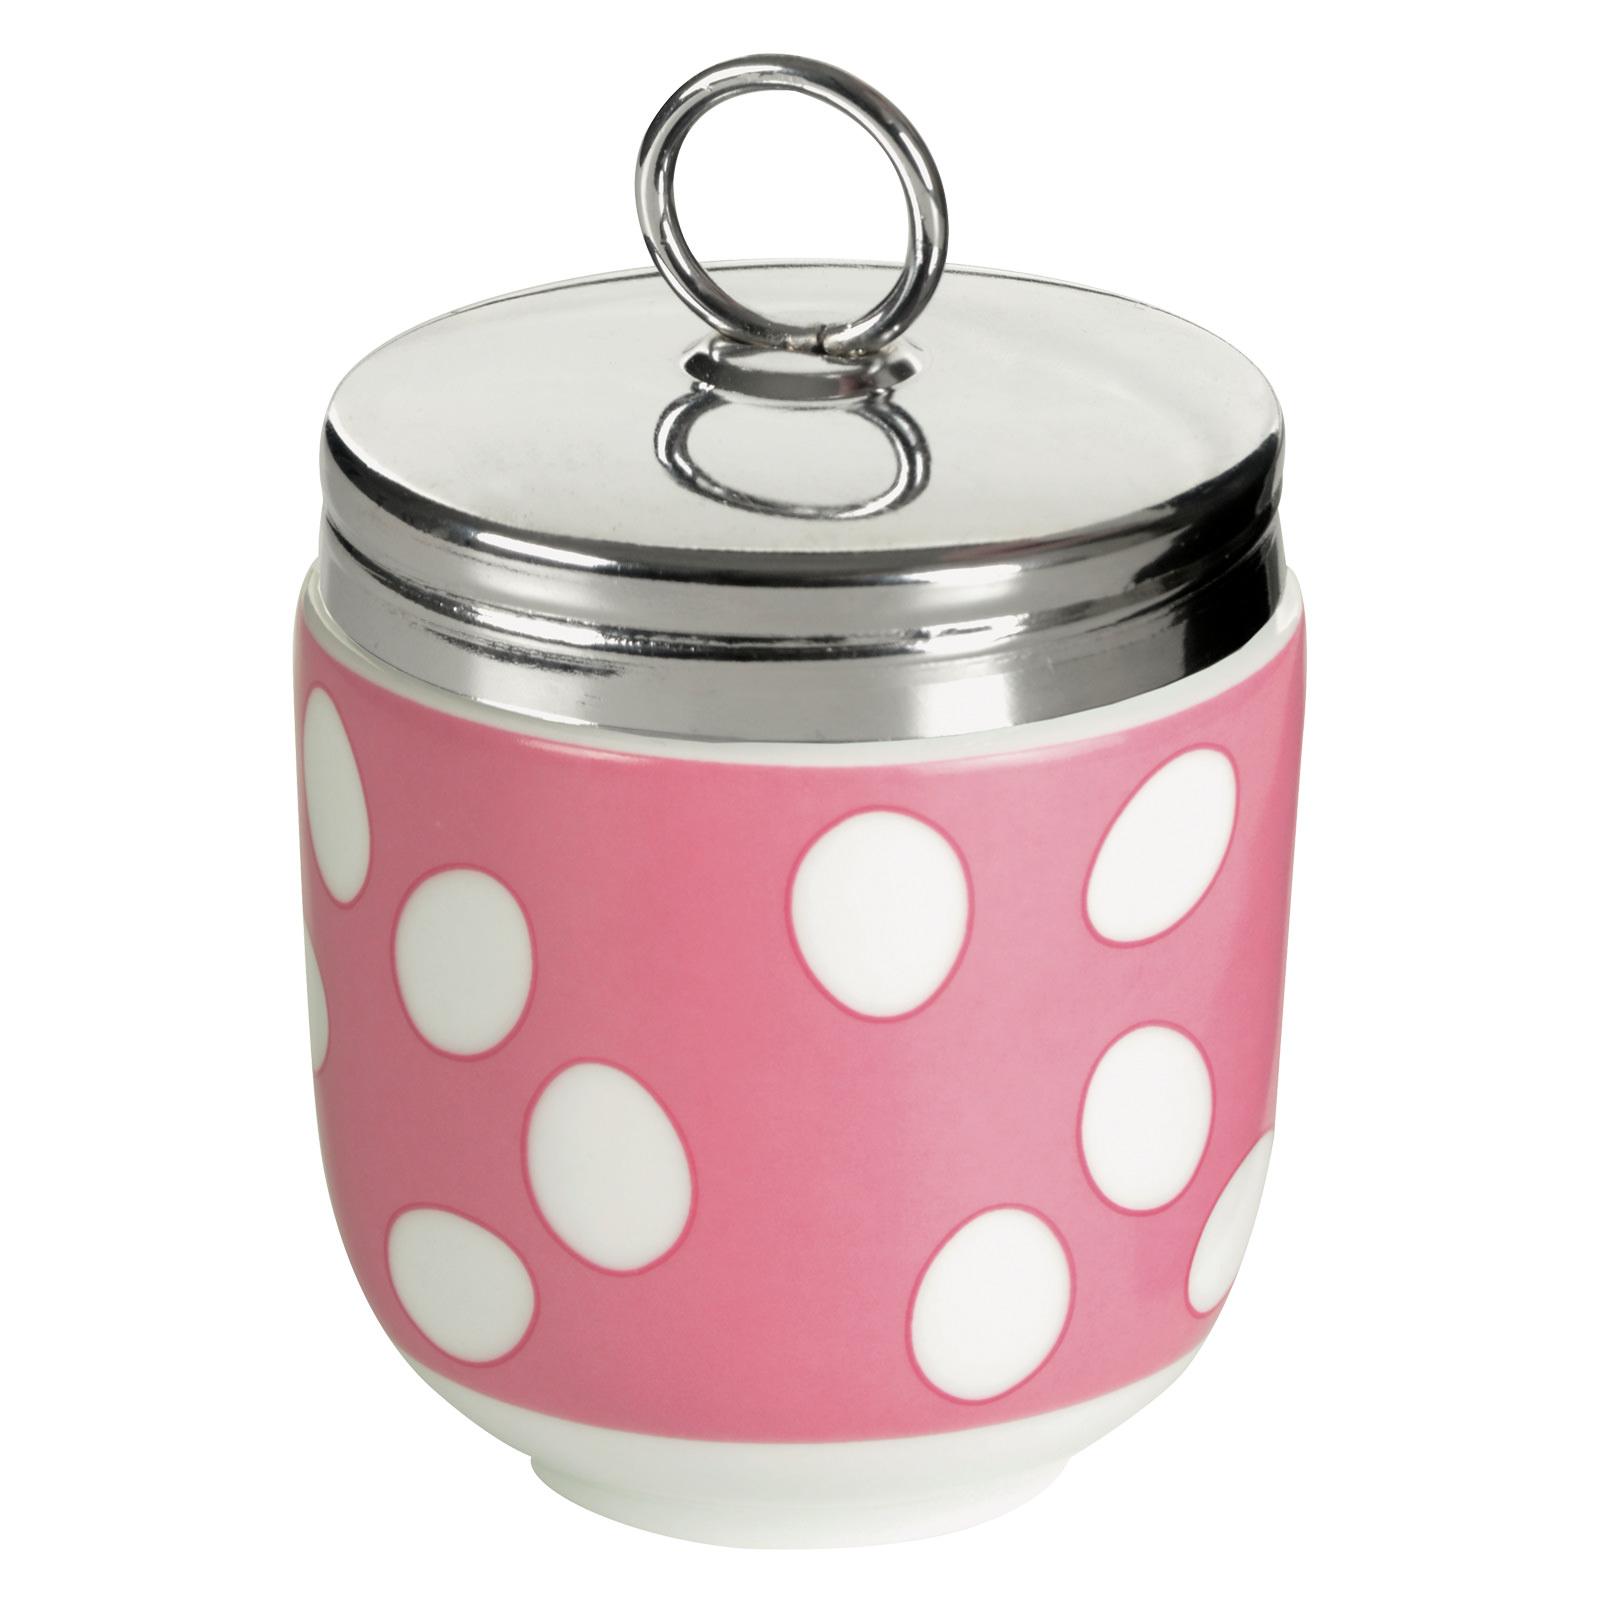 Egg Coddler Pink